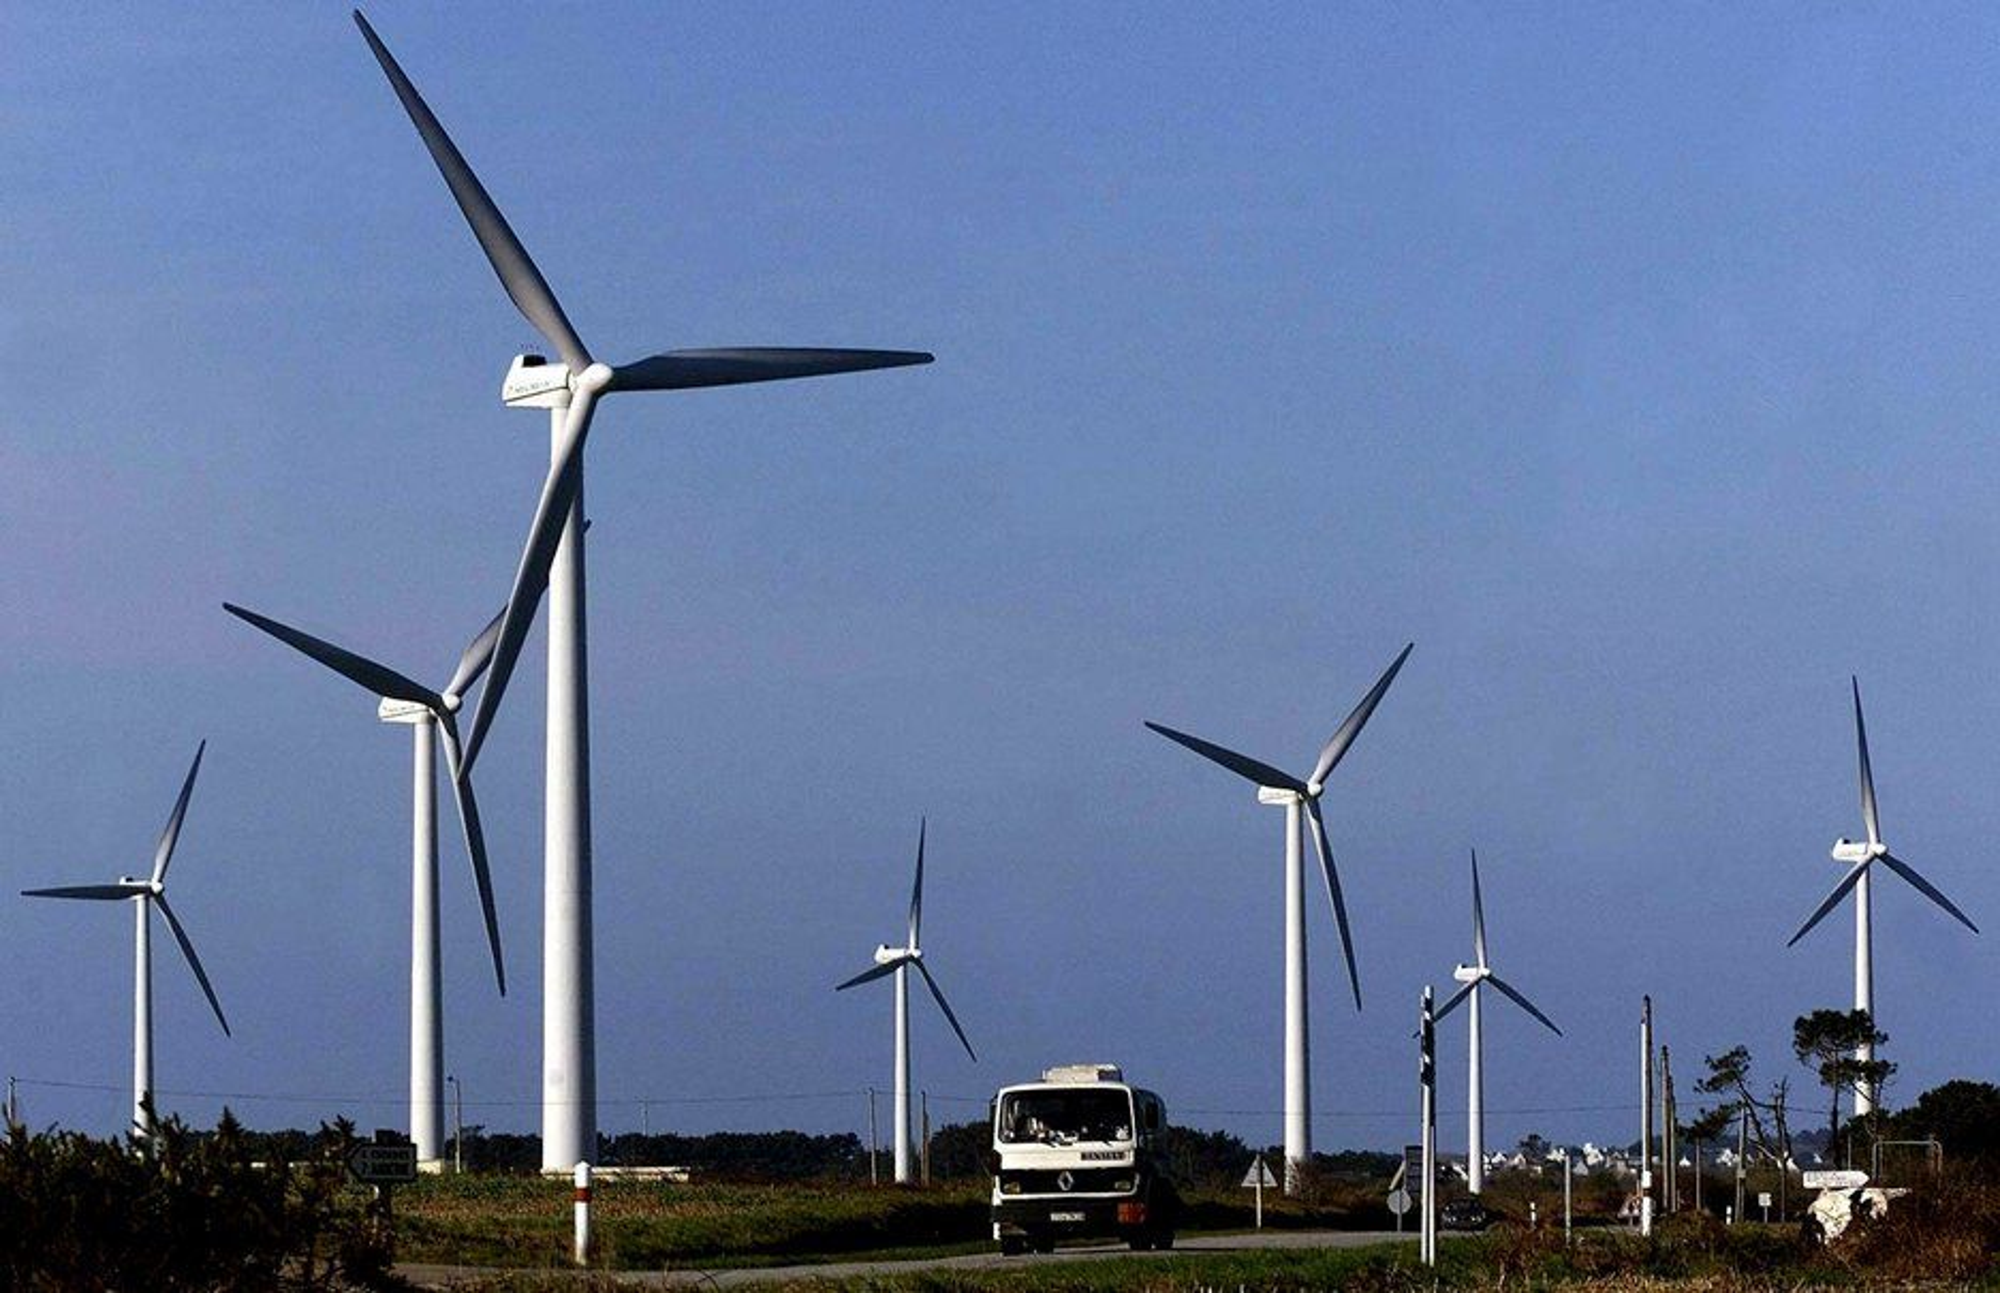 VOKSENDE NÆRING: Verden har skjønt at fornybar energi er en raskt voksende sektor som gir arbeidsplasser og næringsutvikling. Slik forklarer Norsk Vindkraftforening den globale veksten i installert vindkraftkapasitet. Nå venter de på at Norge følger etter.